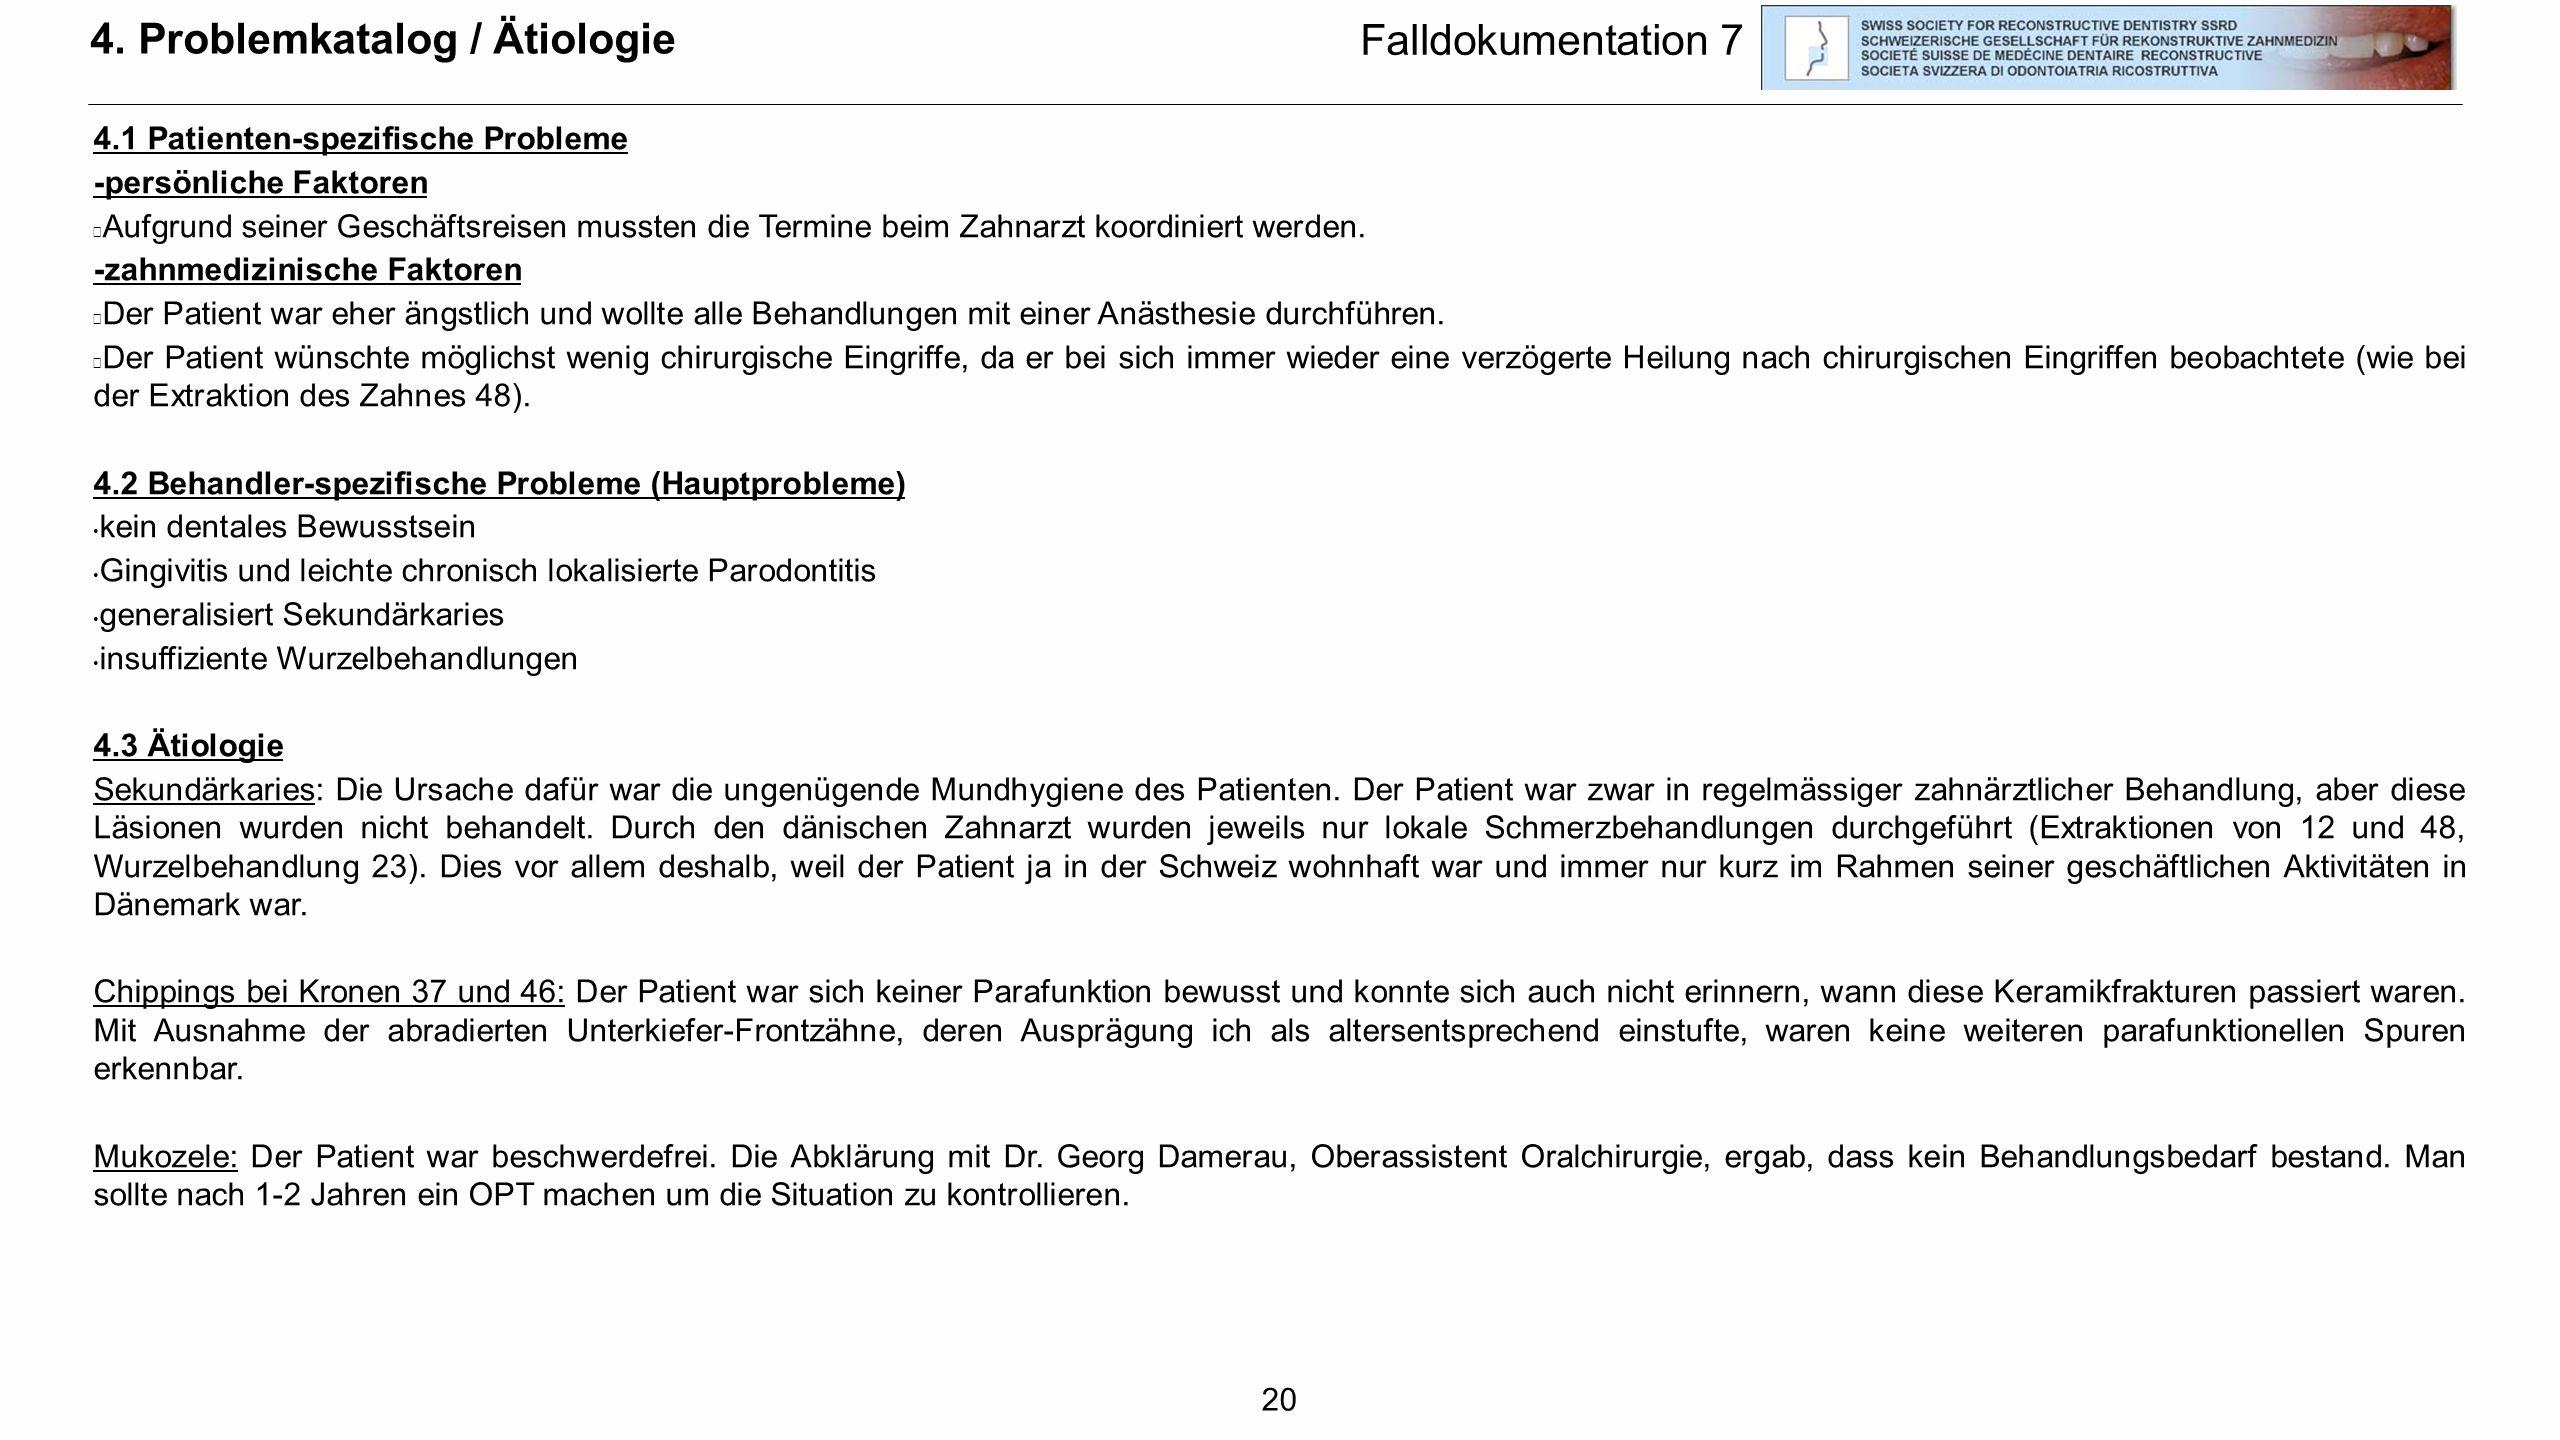 4. Problemkatalog / Ätiologie Falldokumentation 7